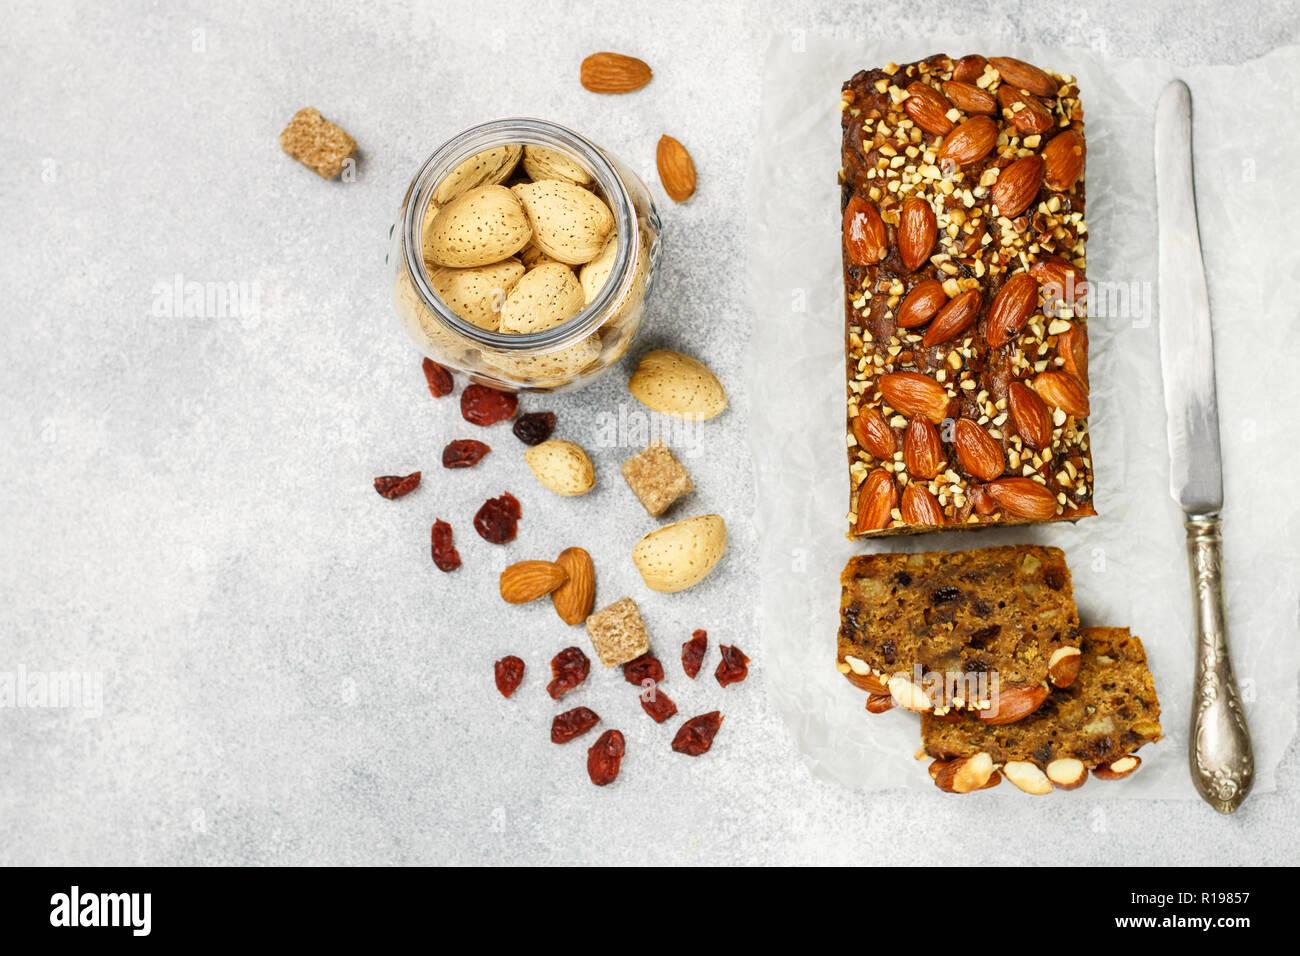 Obstkuchen. Traditionelle weihnachtliche Kuchen mit Mandeln, getrocknete Cranberries, Zimt, Kardamom, Anis, Nelken. Pudding. Für das neue Jahr. Selektive konzentrieren. Top vie Stockbild